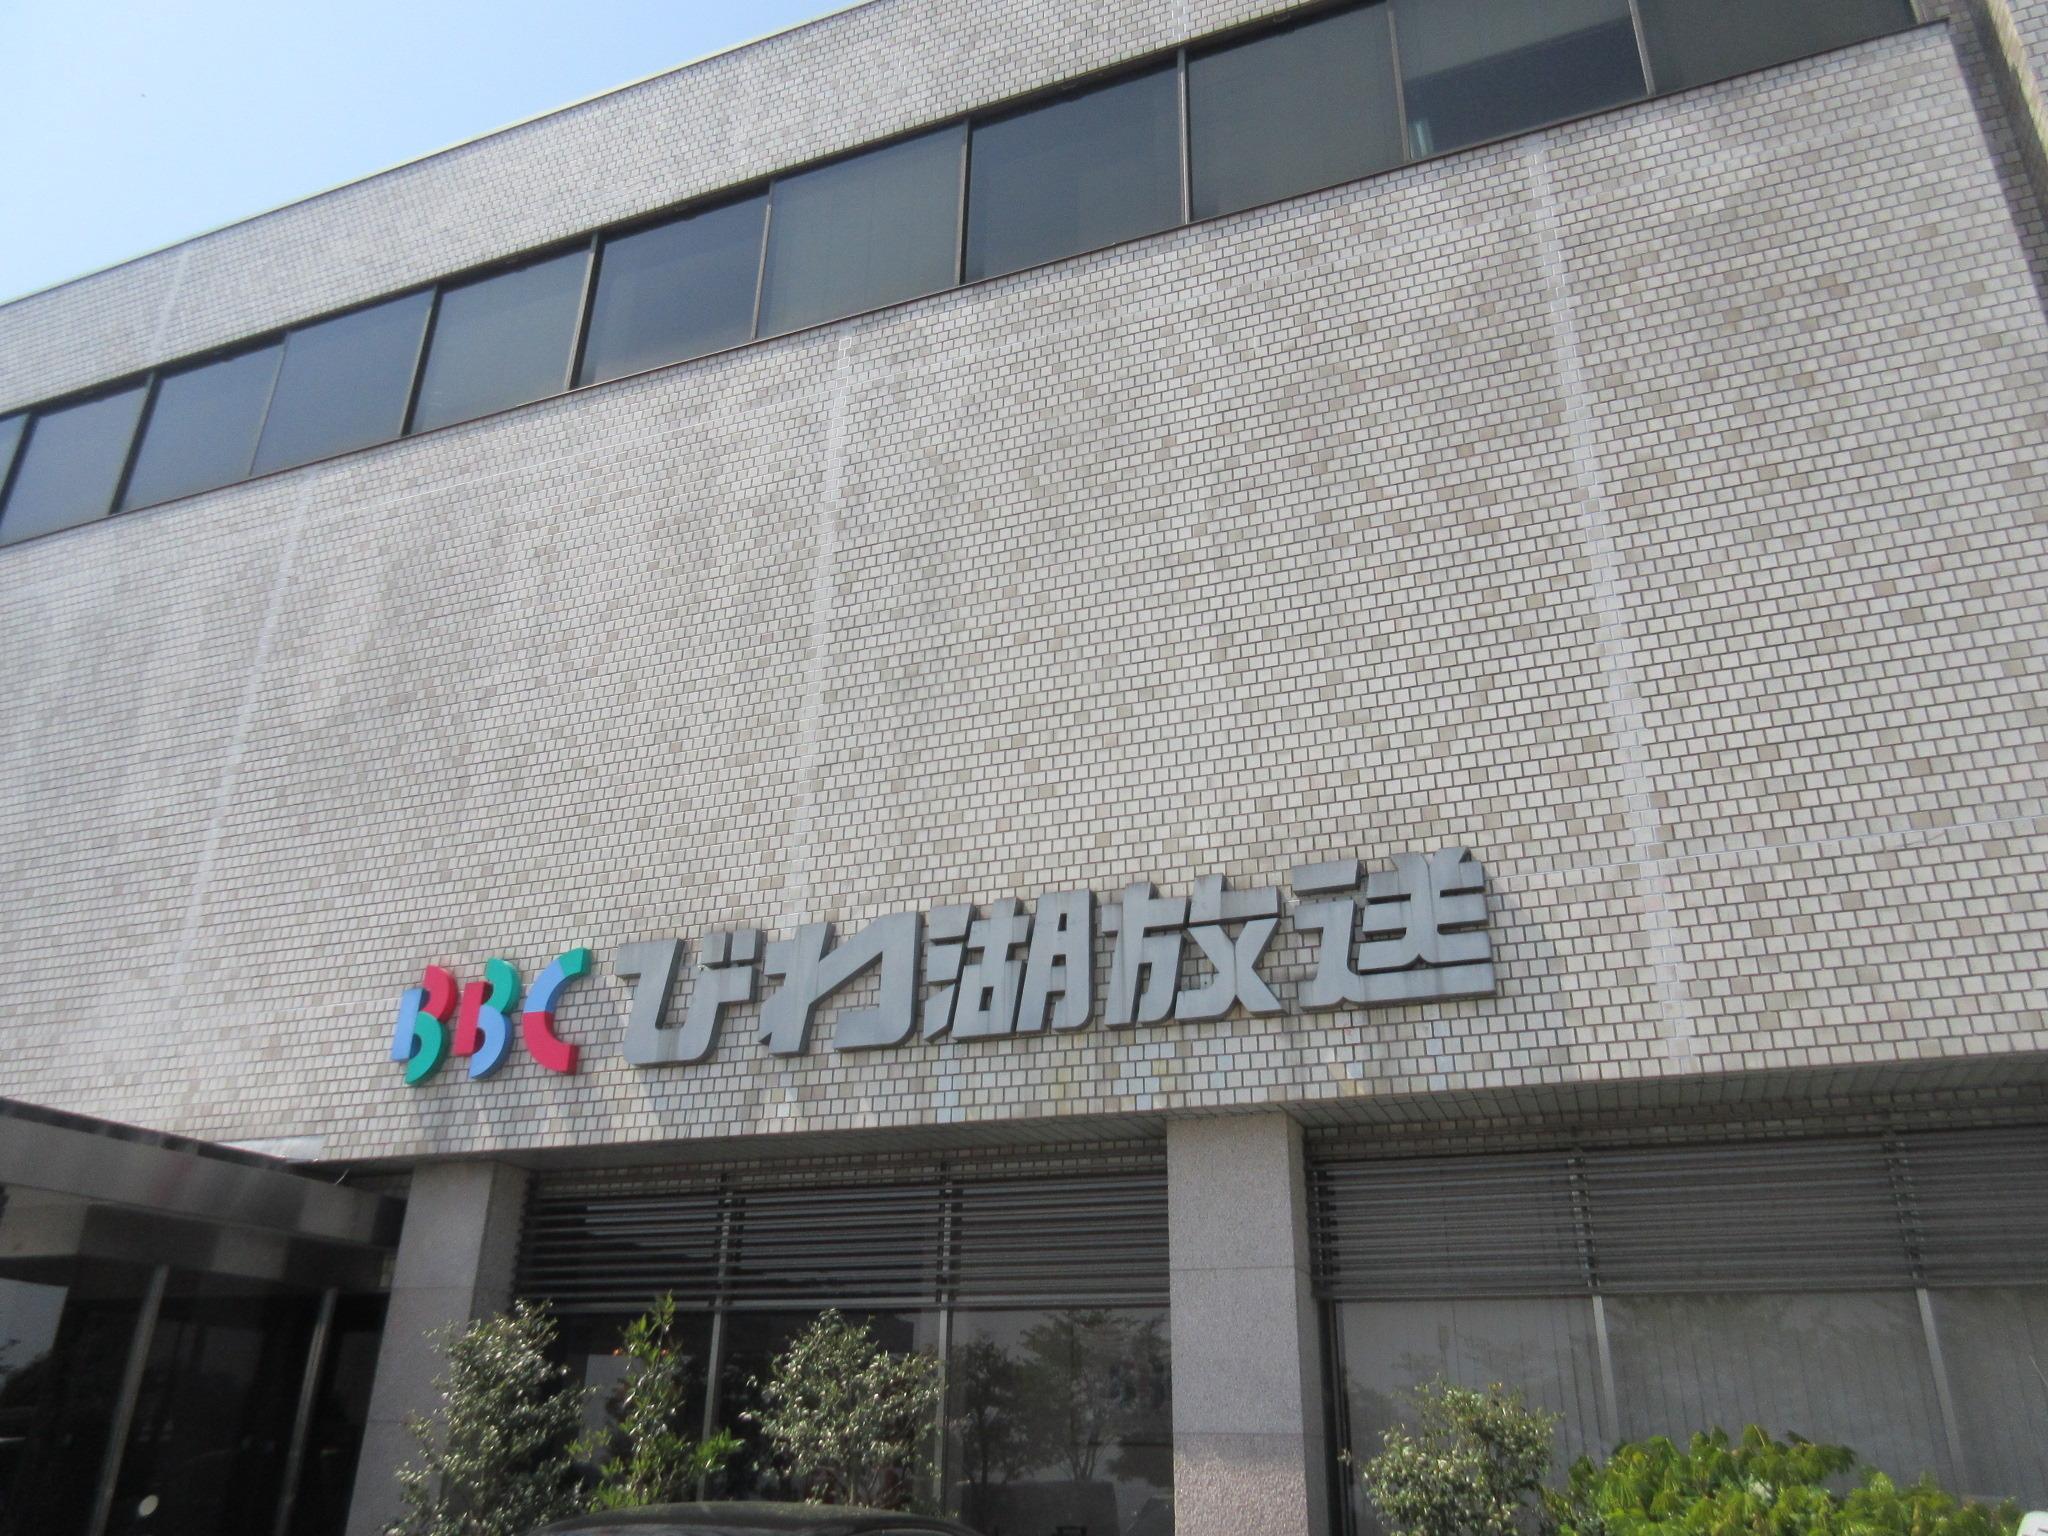 びわ湖放送社屋